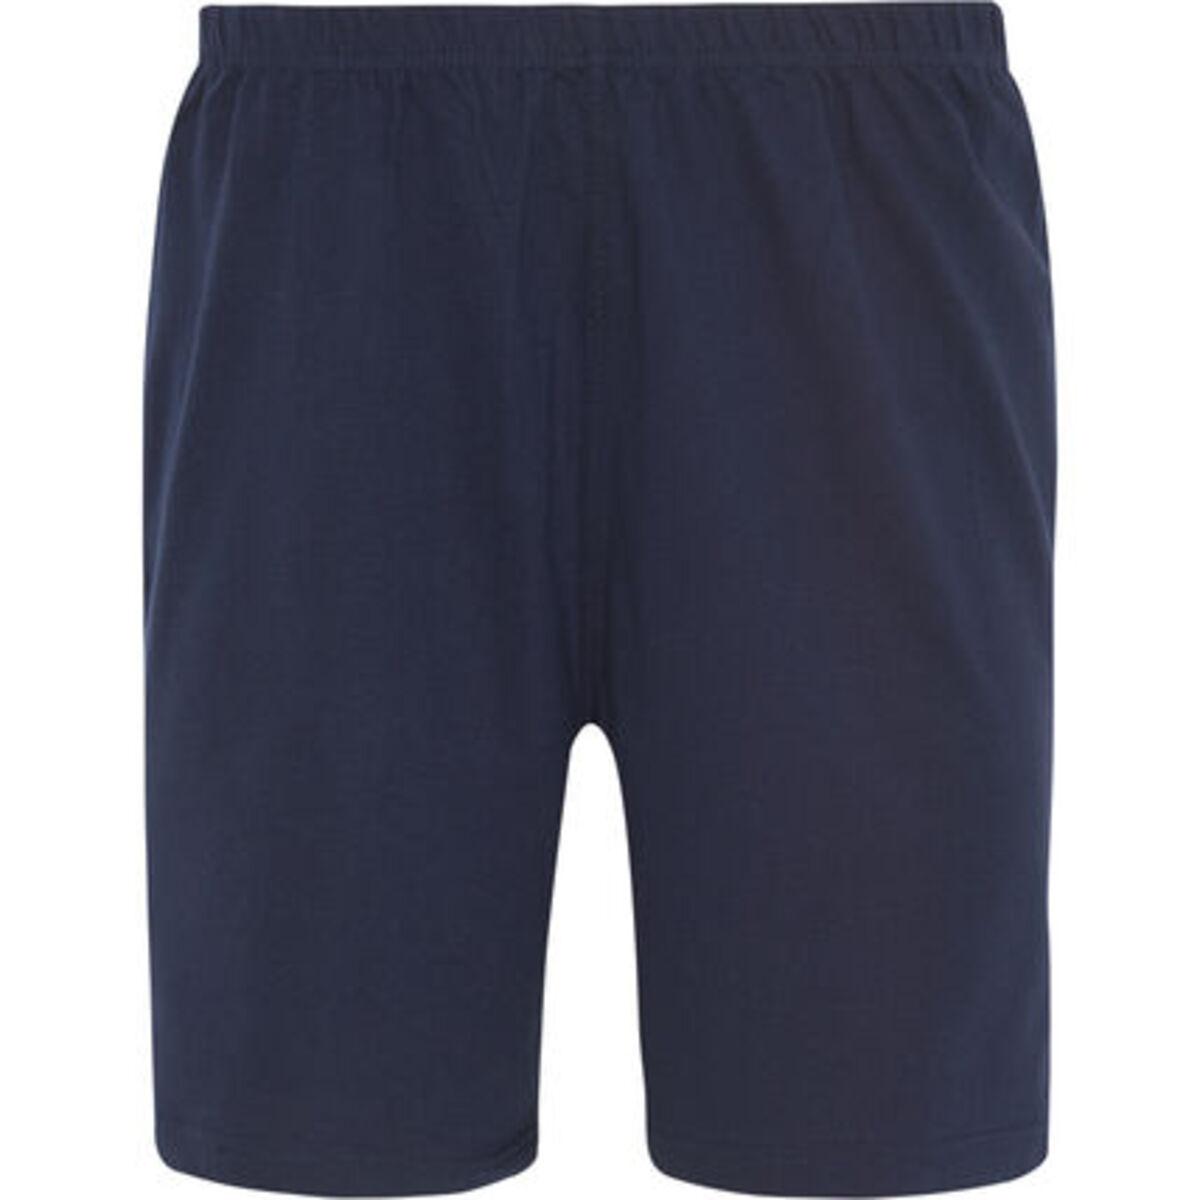 Bild 3 von K|town Schlafanzug, kurz, V-Ausschnitt, Jersey, für Herren